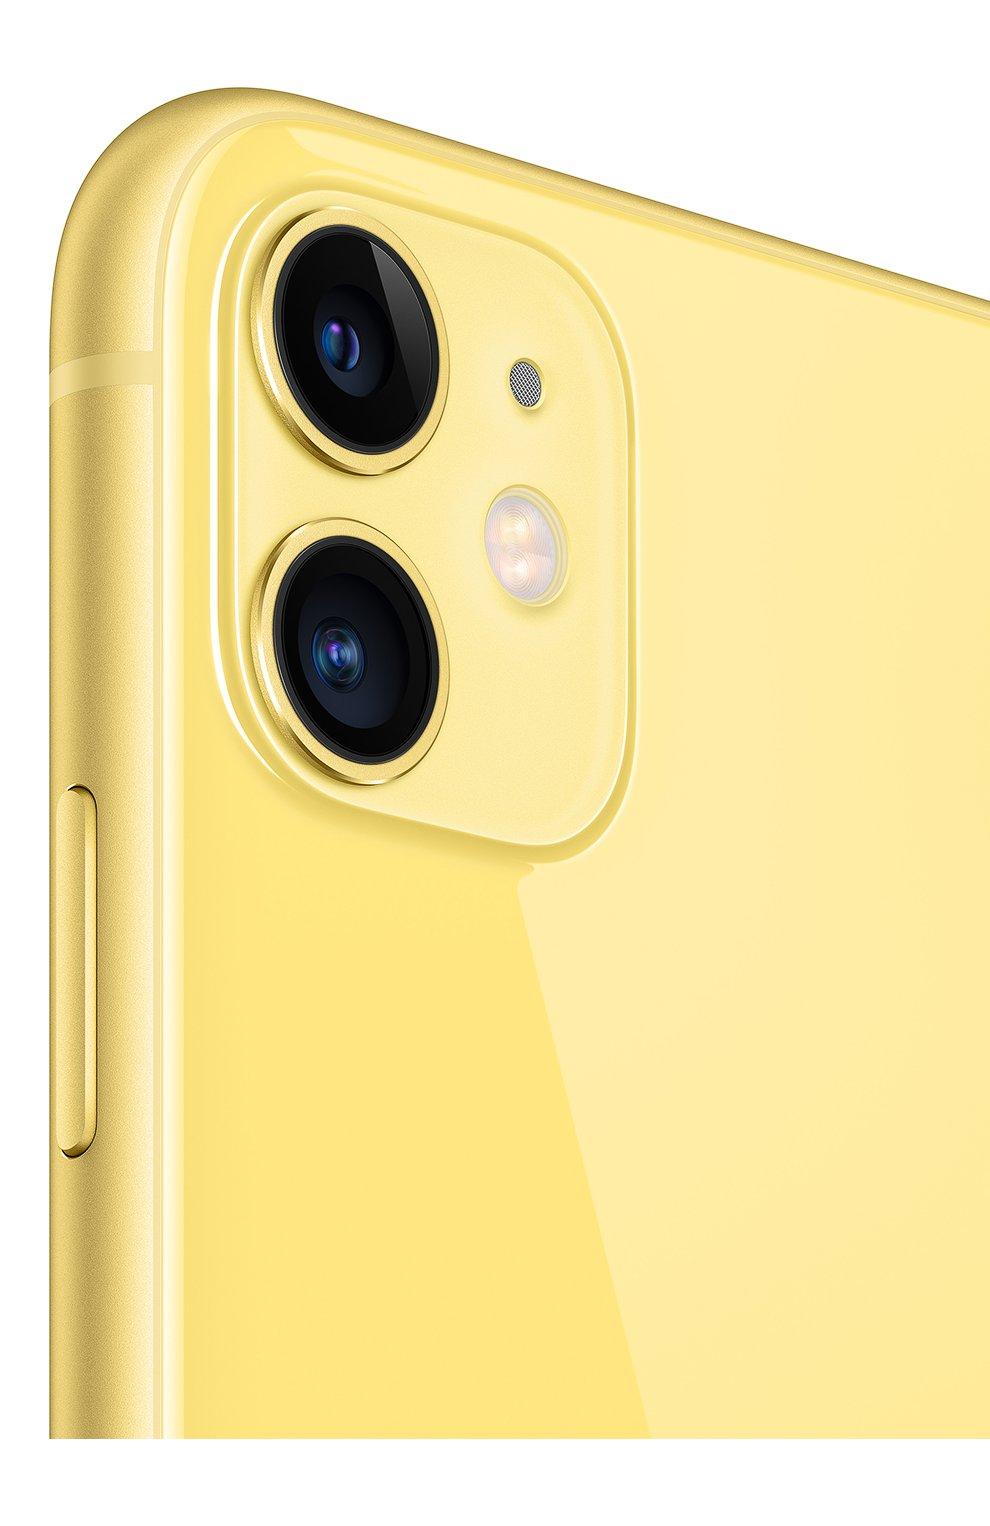 Мужской iphone 11 256gb yellow APPLE  yellow цвета, арт. MWMA2RU/A   Фото 4